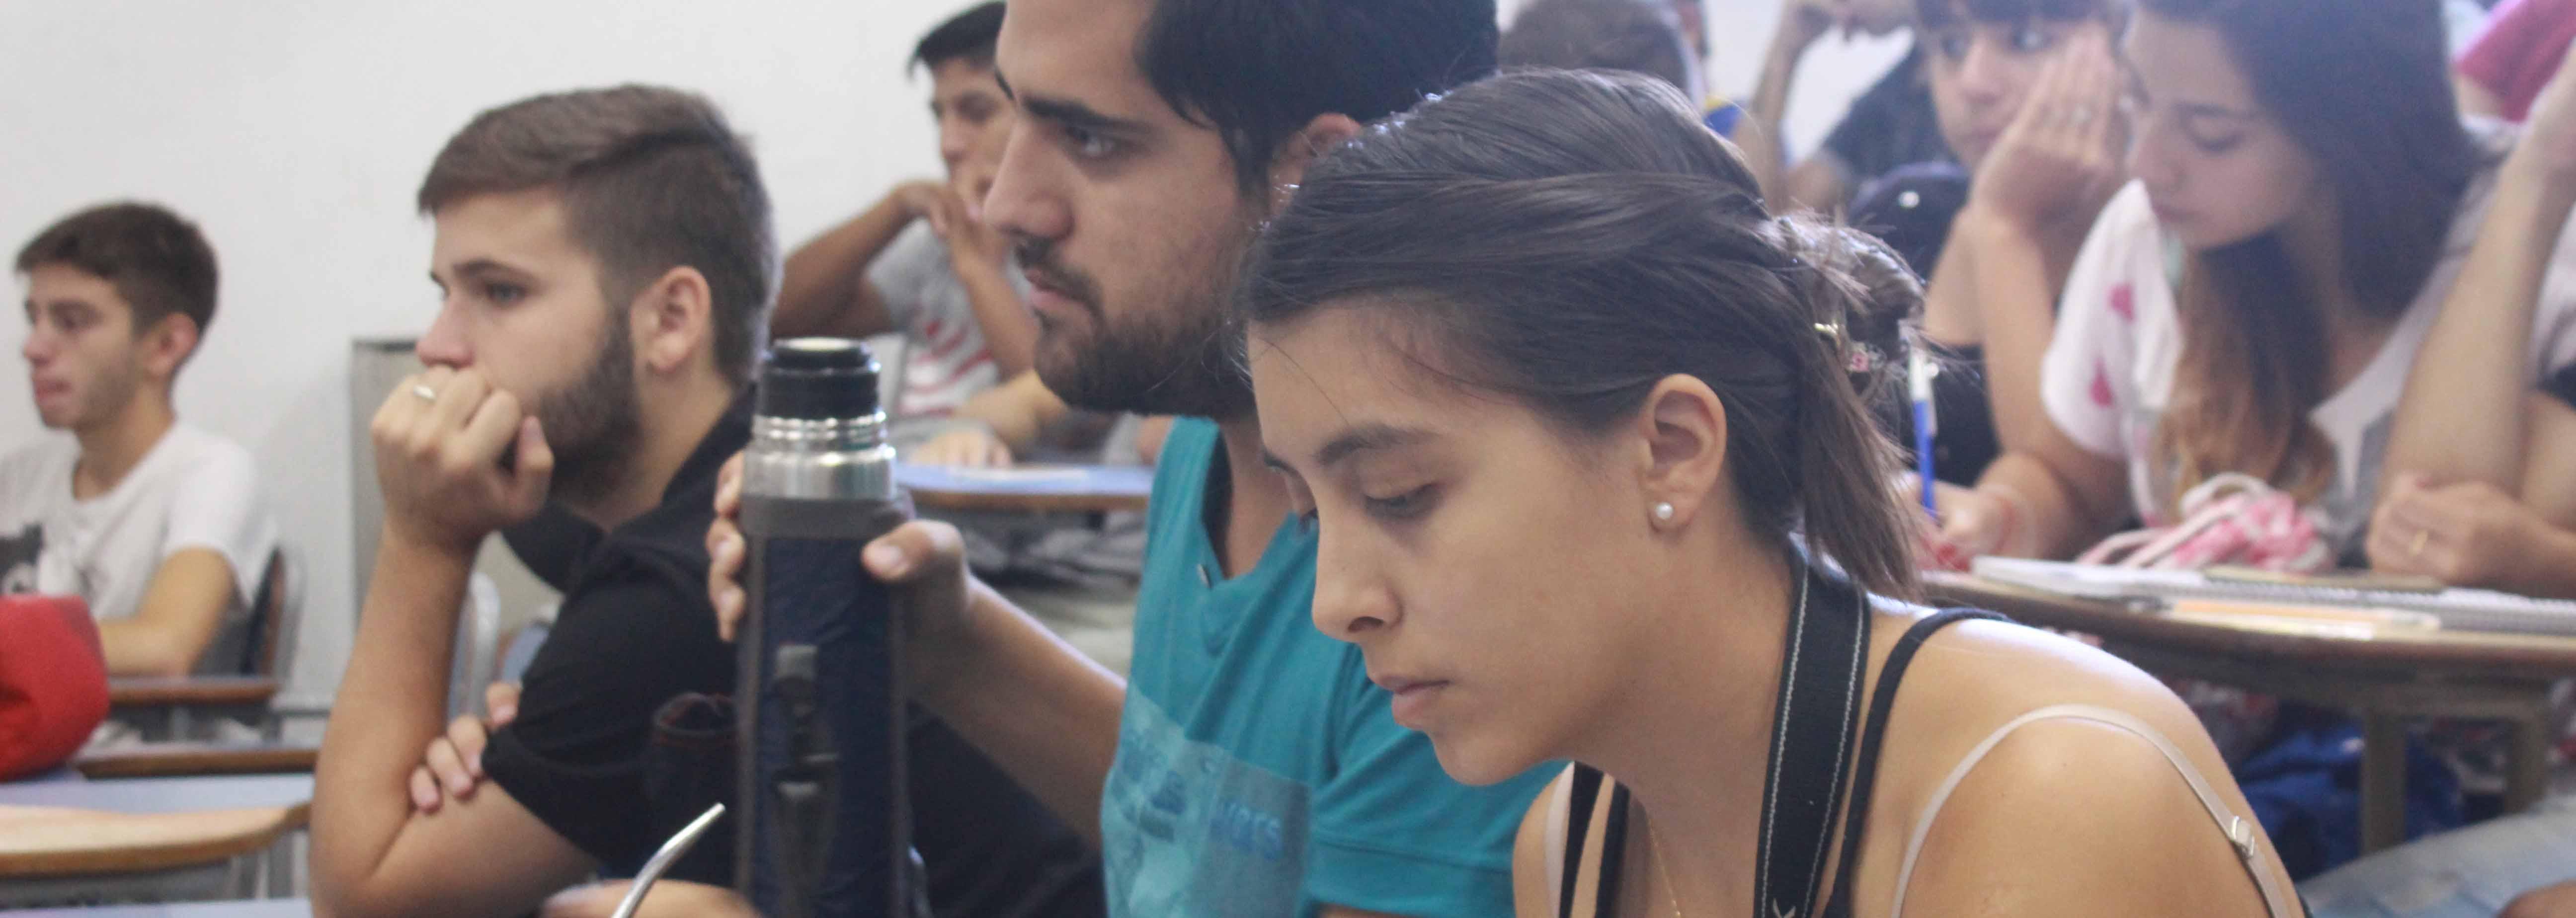 estudiantes del profesorado asisten a un teórico